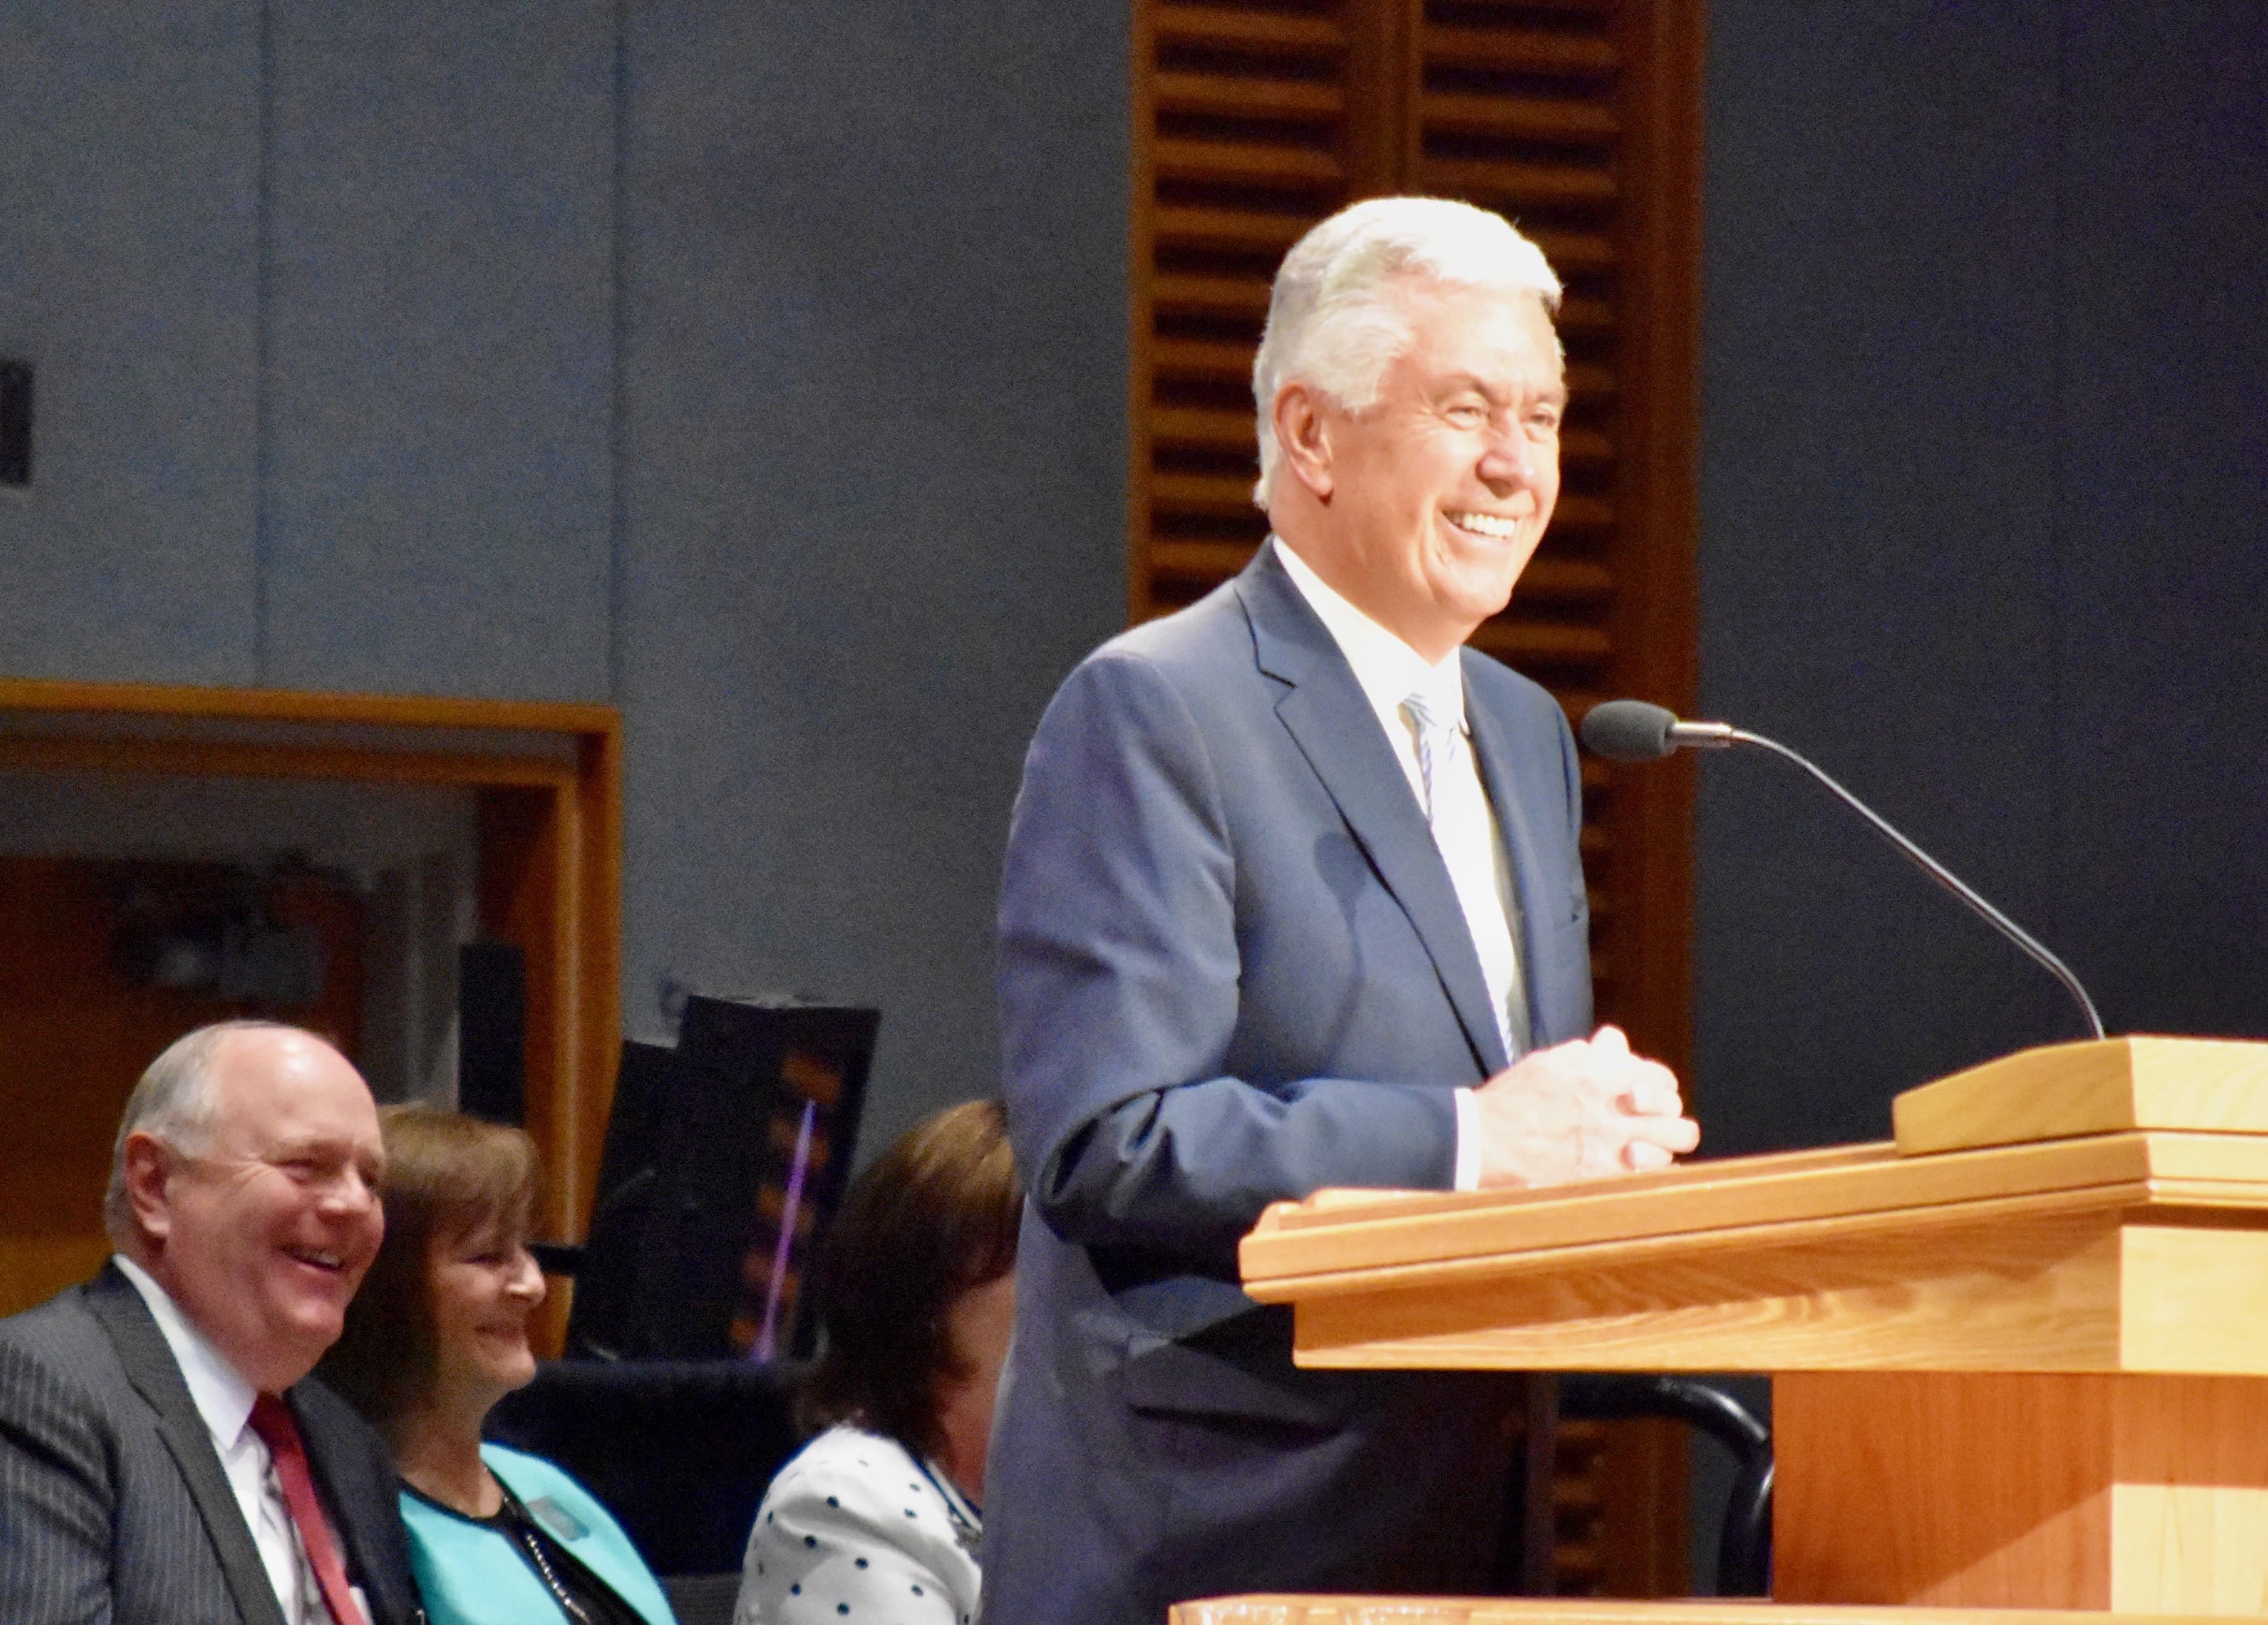 El élder Dieter F. Uchtdorf habla a los misioneros en un devocional en el Centro de Capacitación Misional de Provo, el 5 de noviembre de 2019.